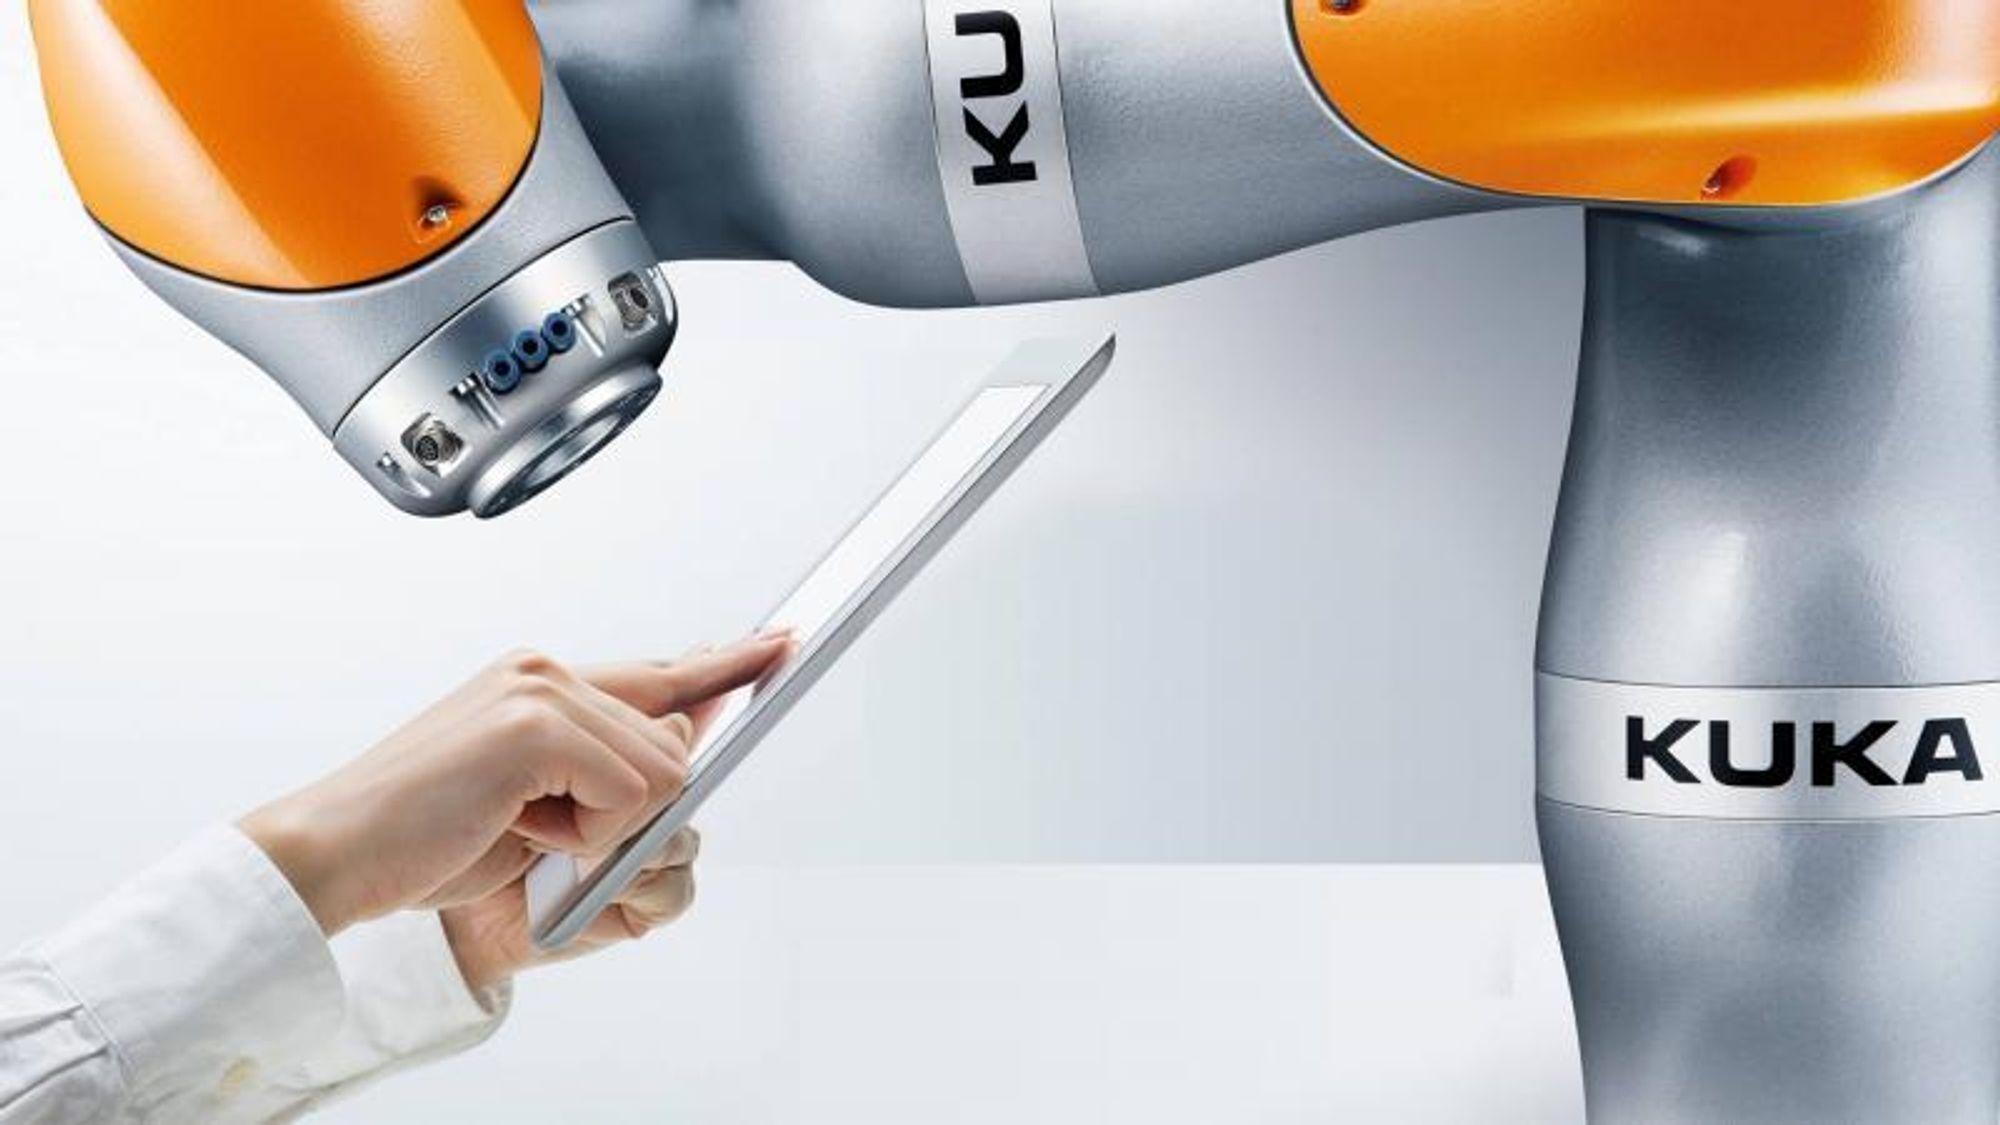 Prosjektet avsluttes med en demonstrasjon hvor en industriell robotarm fra tyske Kuka skal lære seg selv å plukke opp objekter fra et transportbånd som kjøres med varierende hastighet.